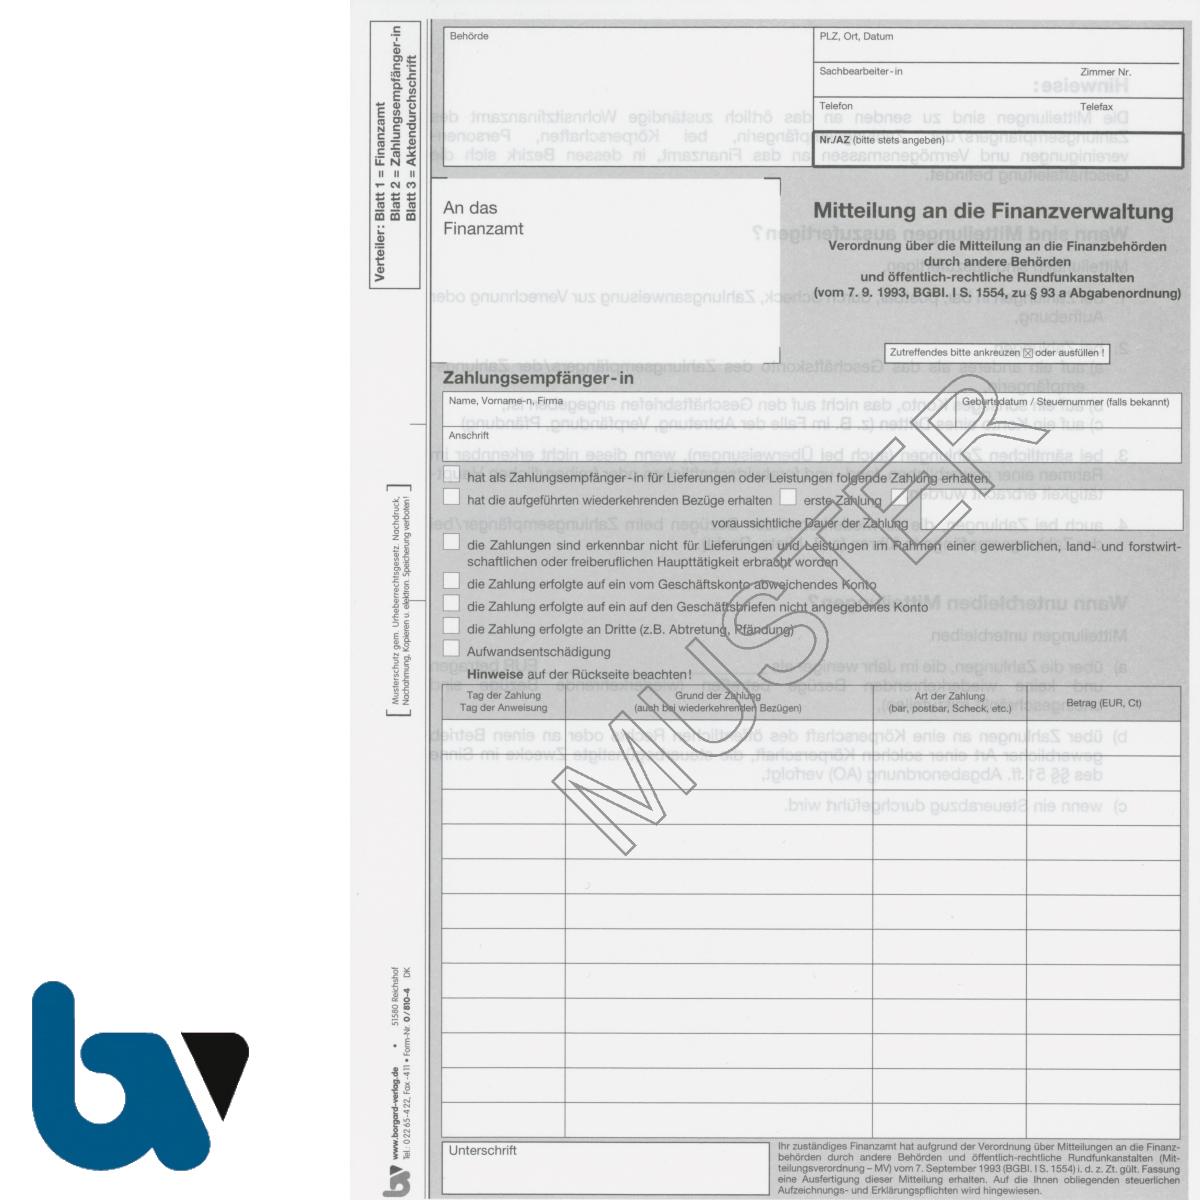 0/810-4 Mitteilung Finanzverwaltung Finanzbehörden Rundfunkanstalten Abgabenordnung 3-fach selbstdurchschreibend DIN A4 Vorderseite | Borgard Verlag GmbH